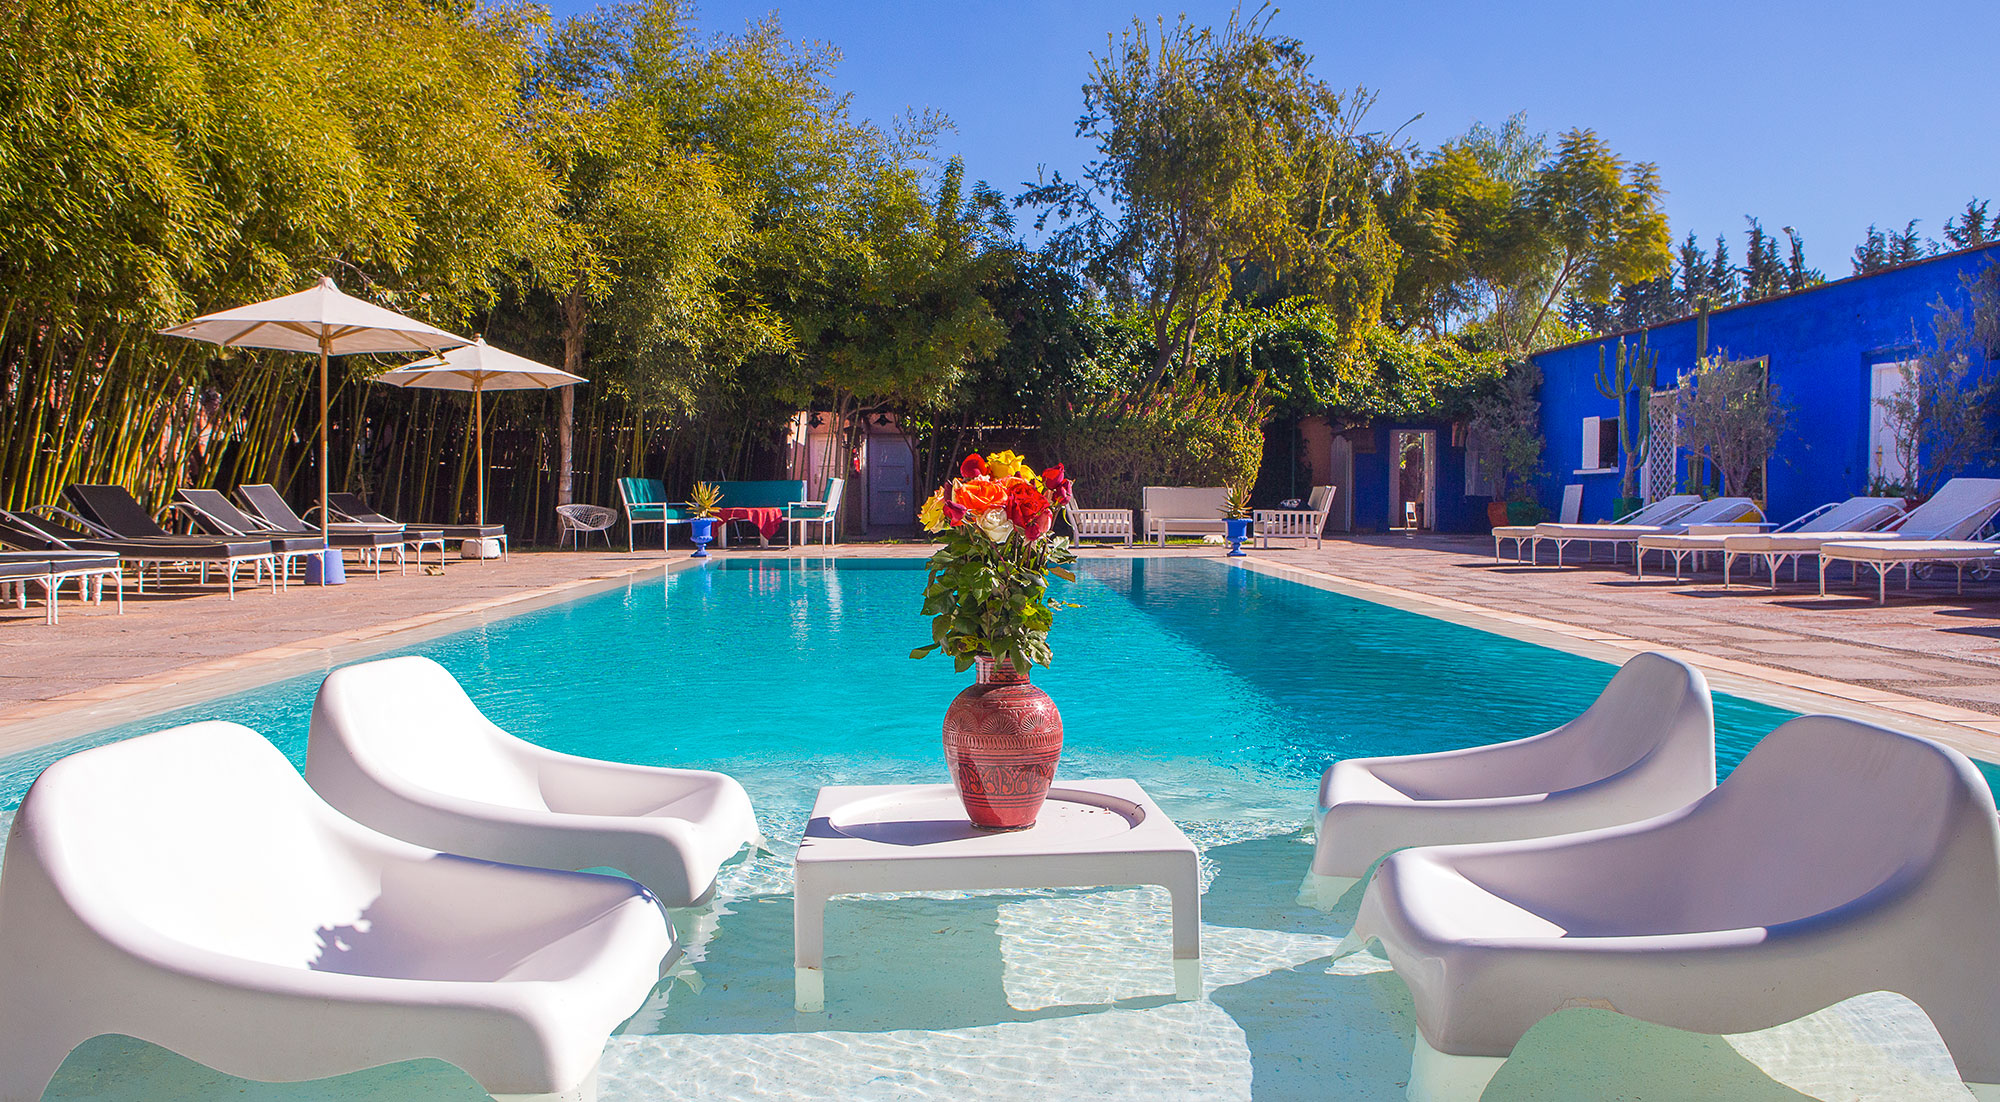 Une nuit pour 2 adultes + 2 enfants (-12ans) dans une chambre double au Bled Marrakech en DP seulement à 699 dh!!!